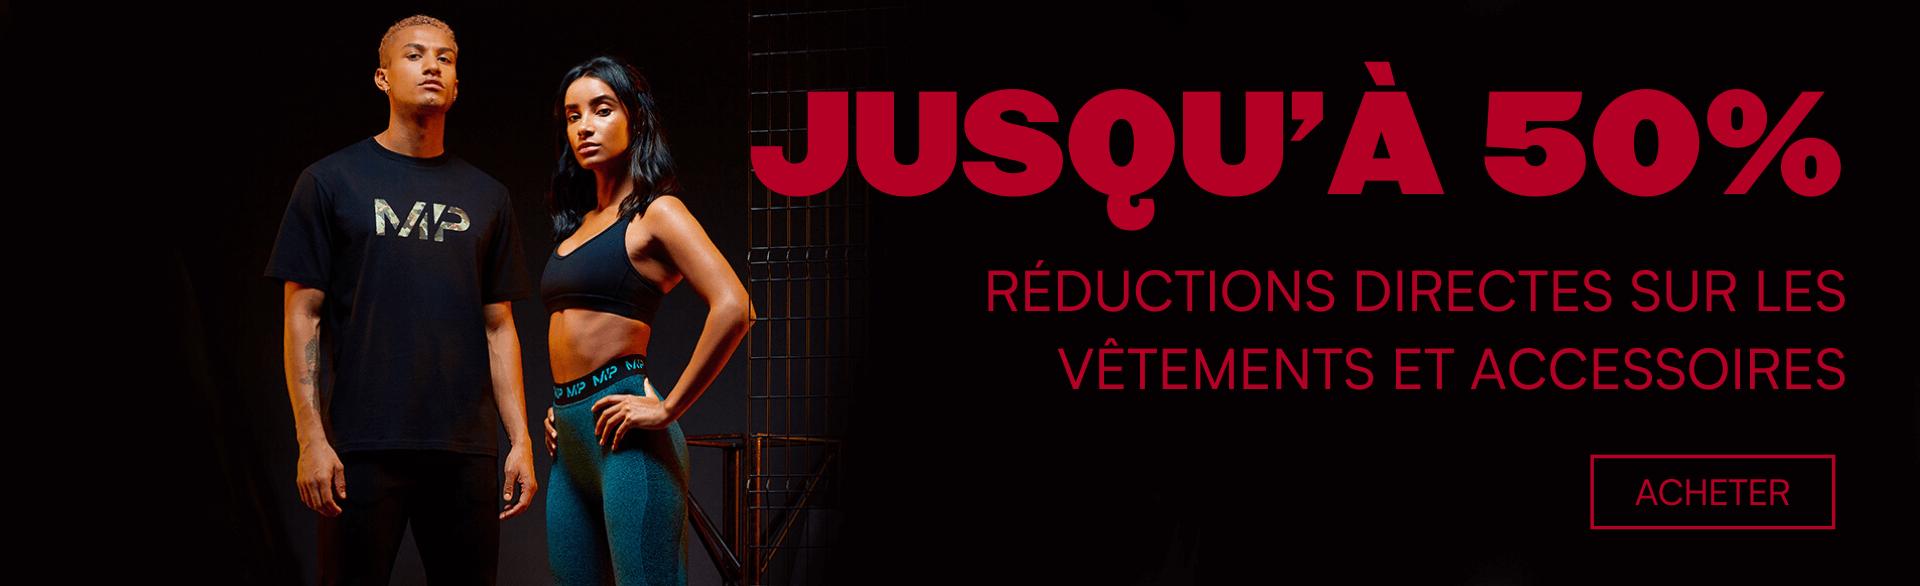 Jusuq'à 50% sur les vêtements et accessoires